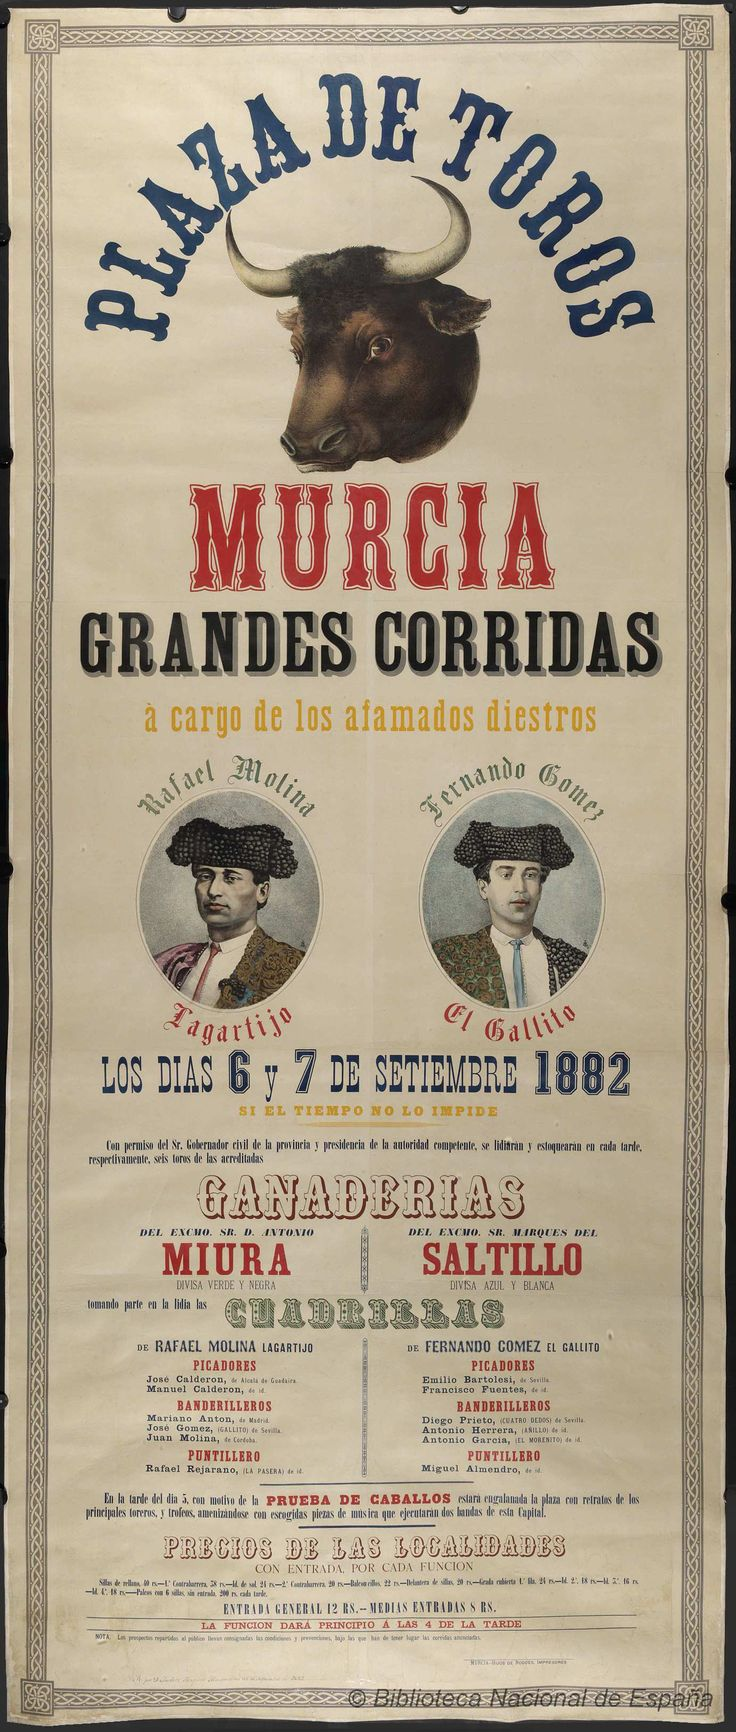 Grandes corridas. Plaza de toros de Murcia — Dibujos, grabados y fotografías — 1882